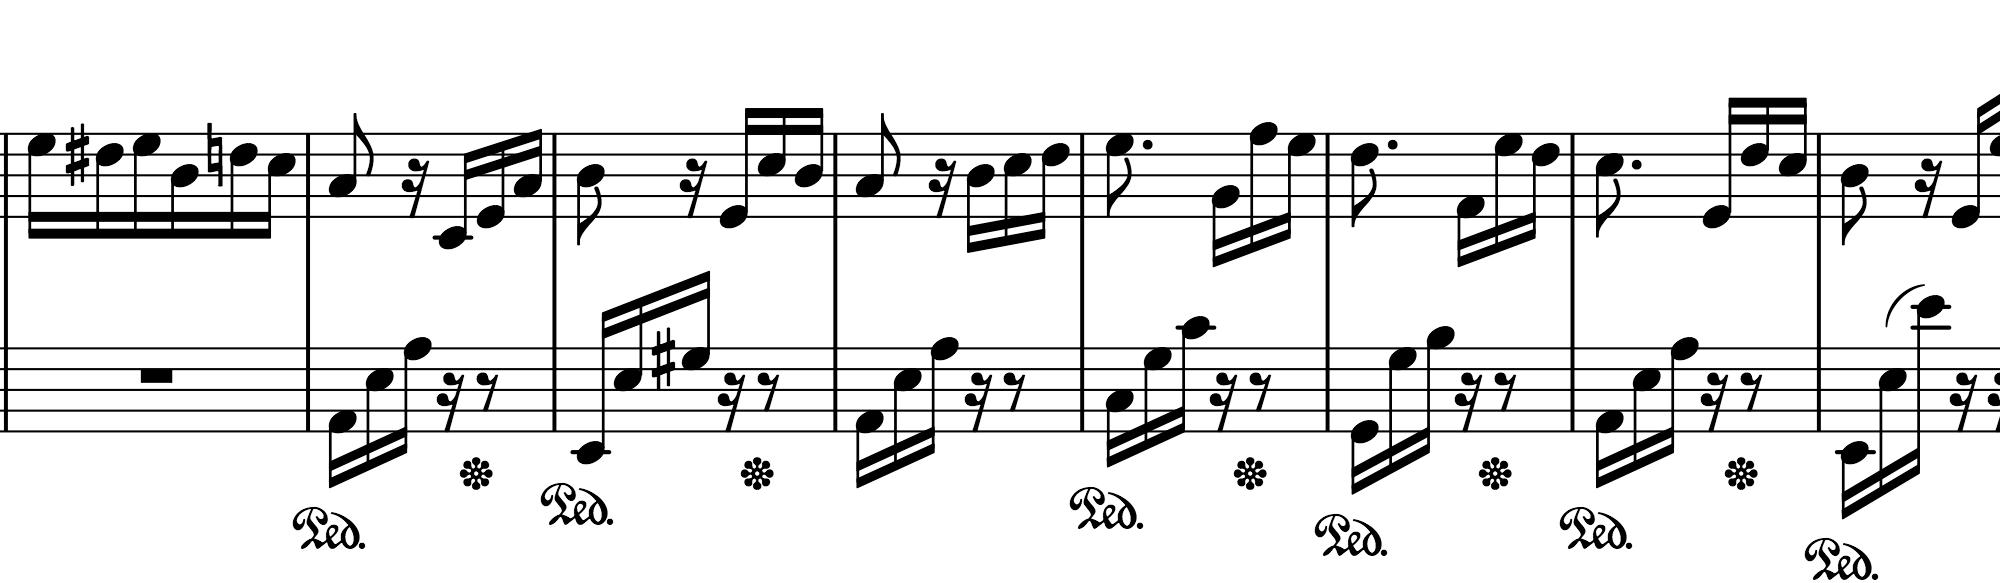 Part_13_150